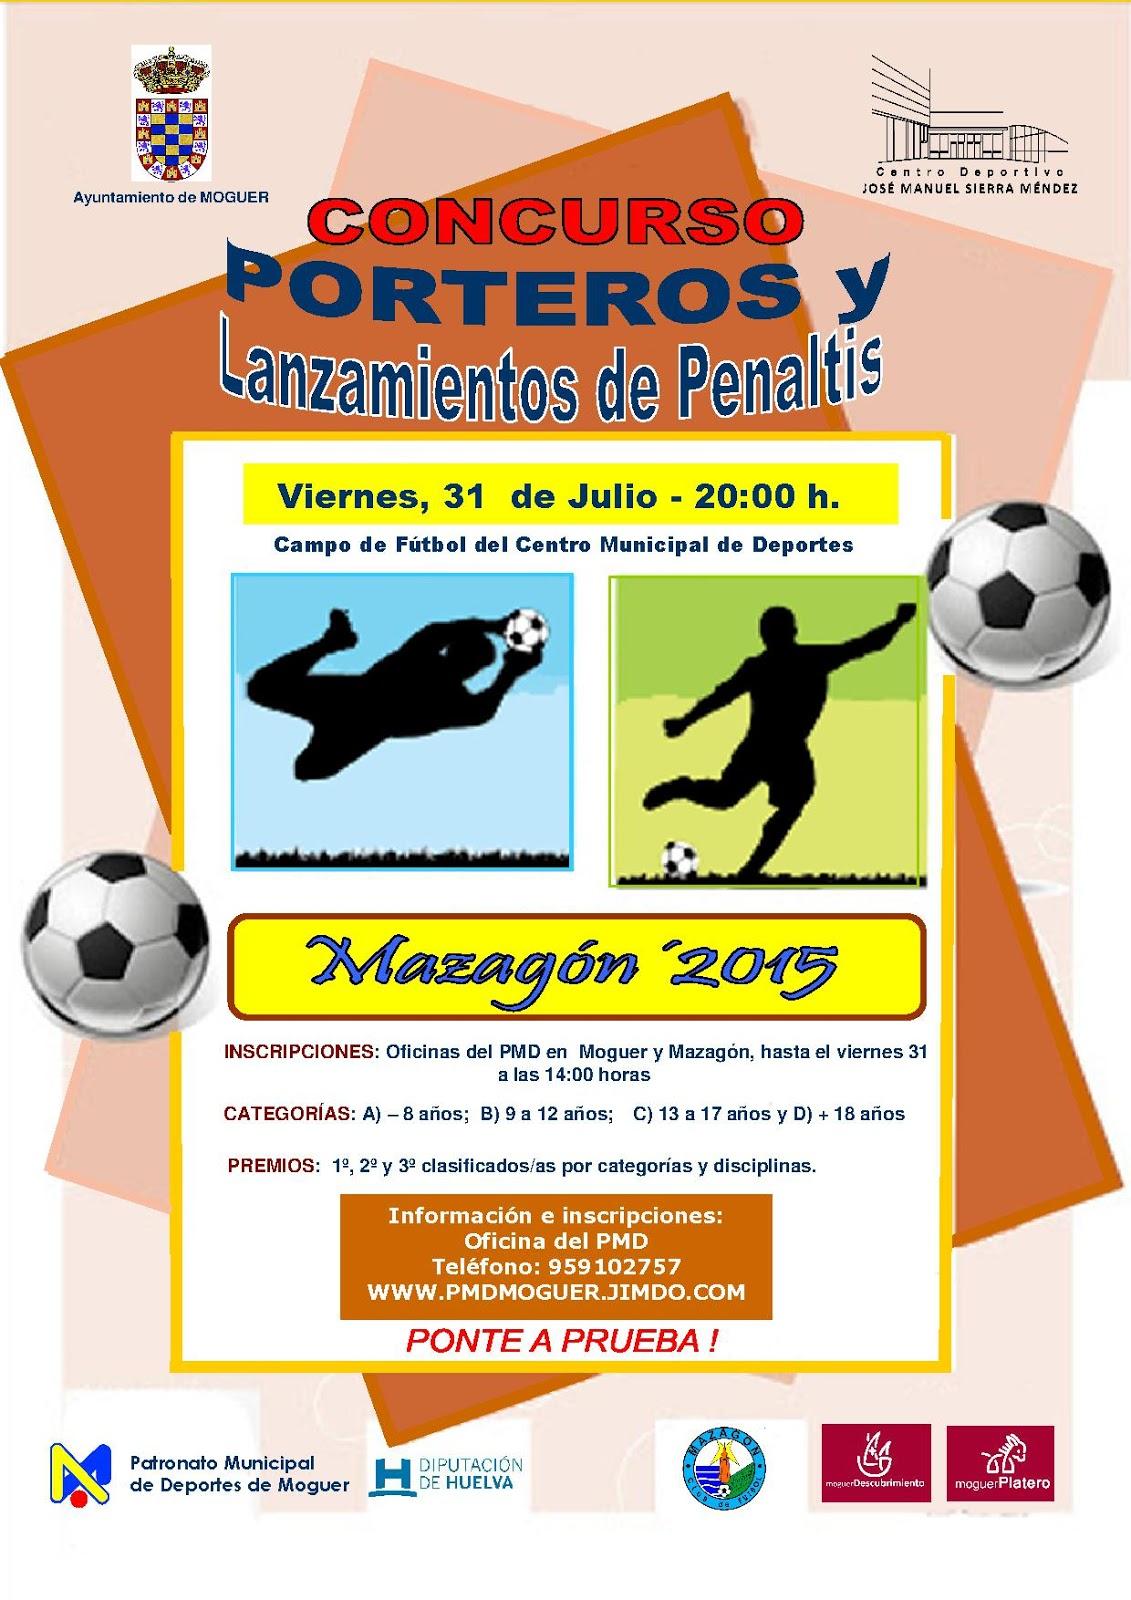 Concurso de Porteros y Lanzamiento de Penaltis de Mazagón